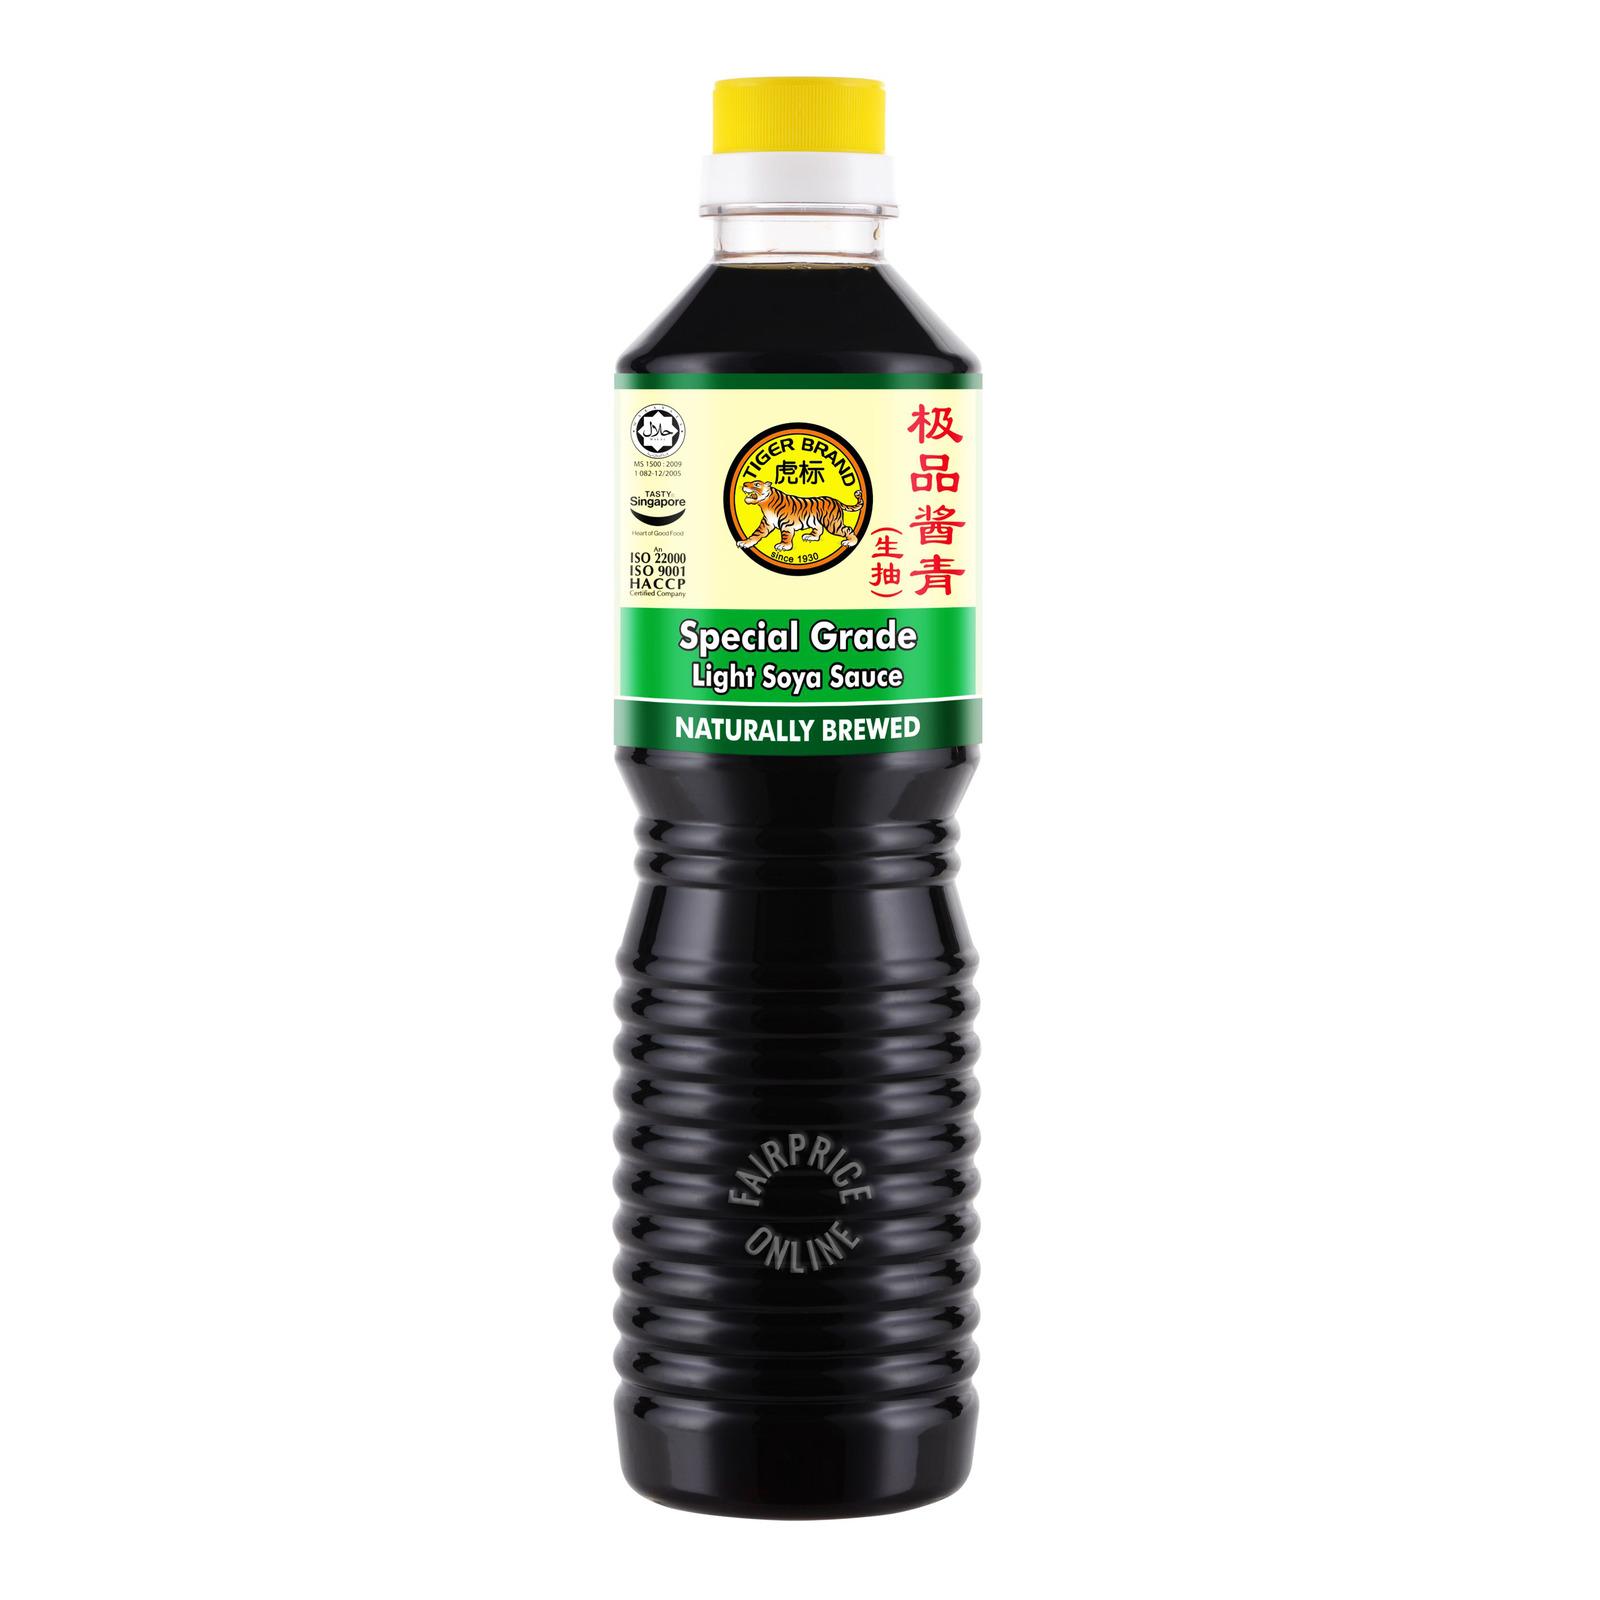 Tiger Brand Soya Sauce - Light (Special Grade)